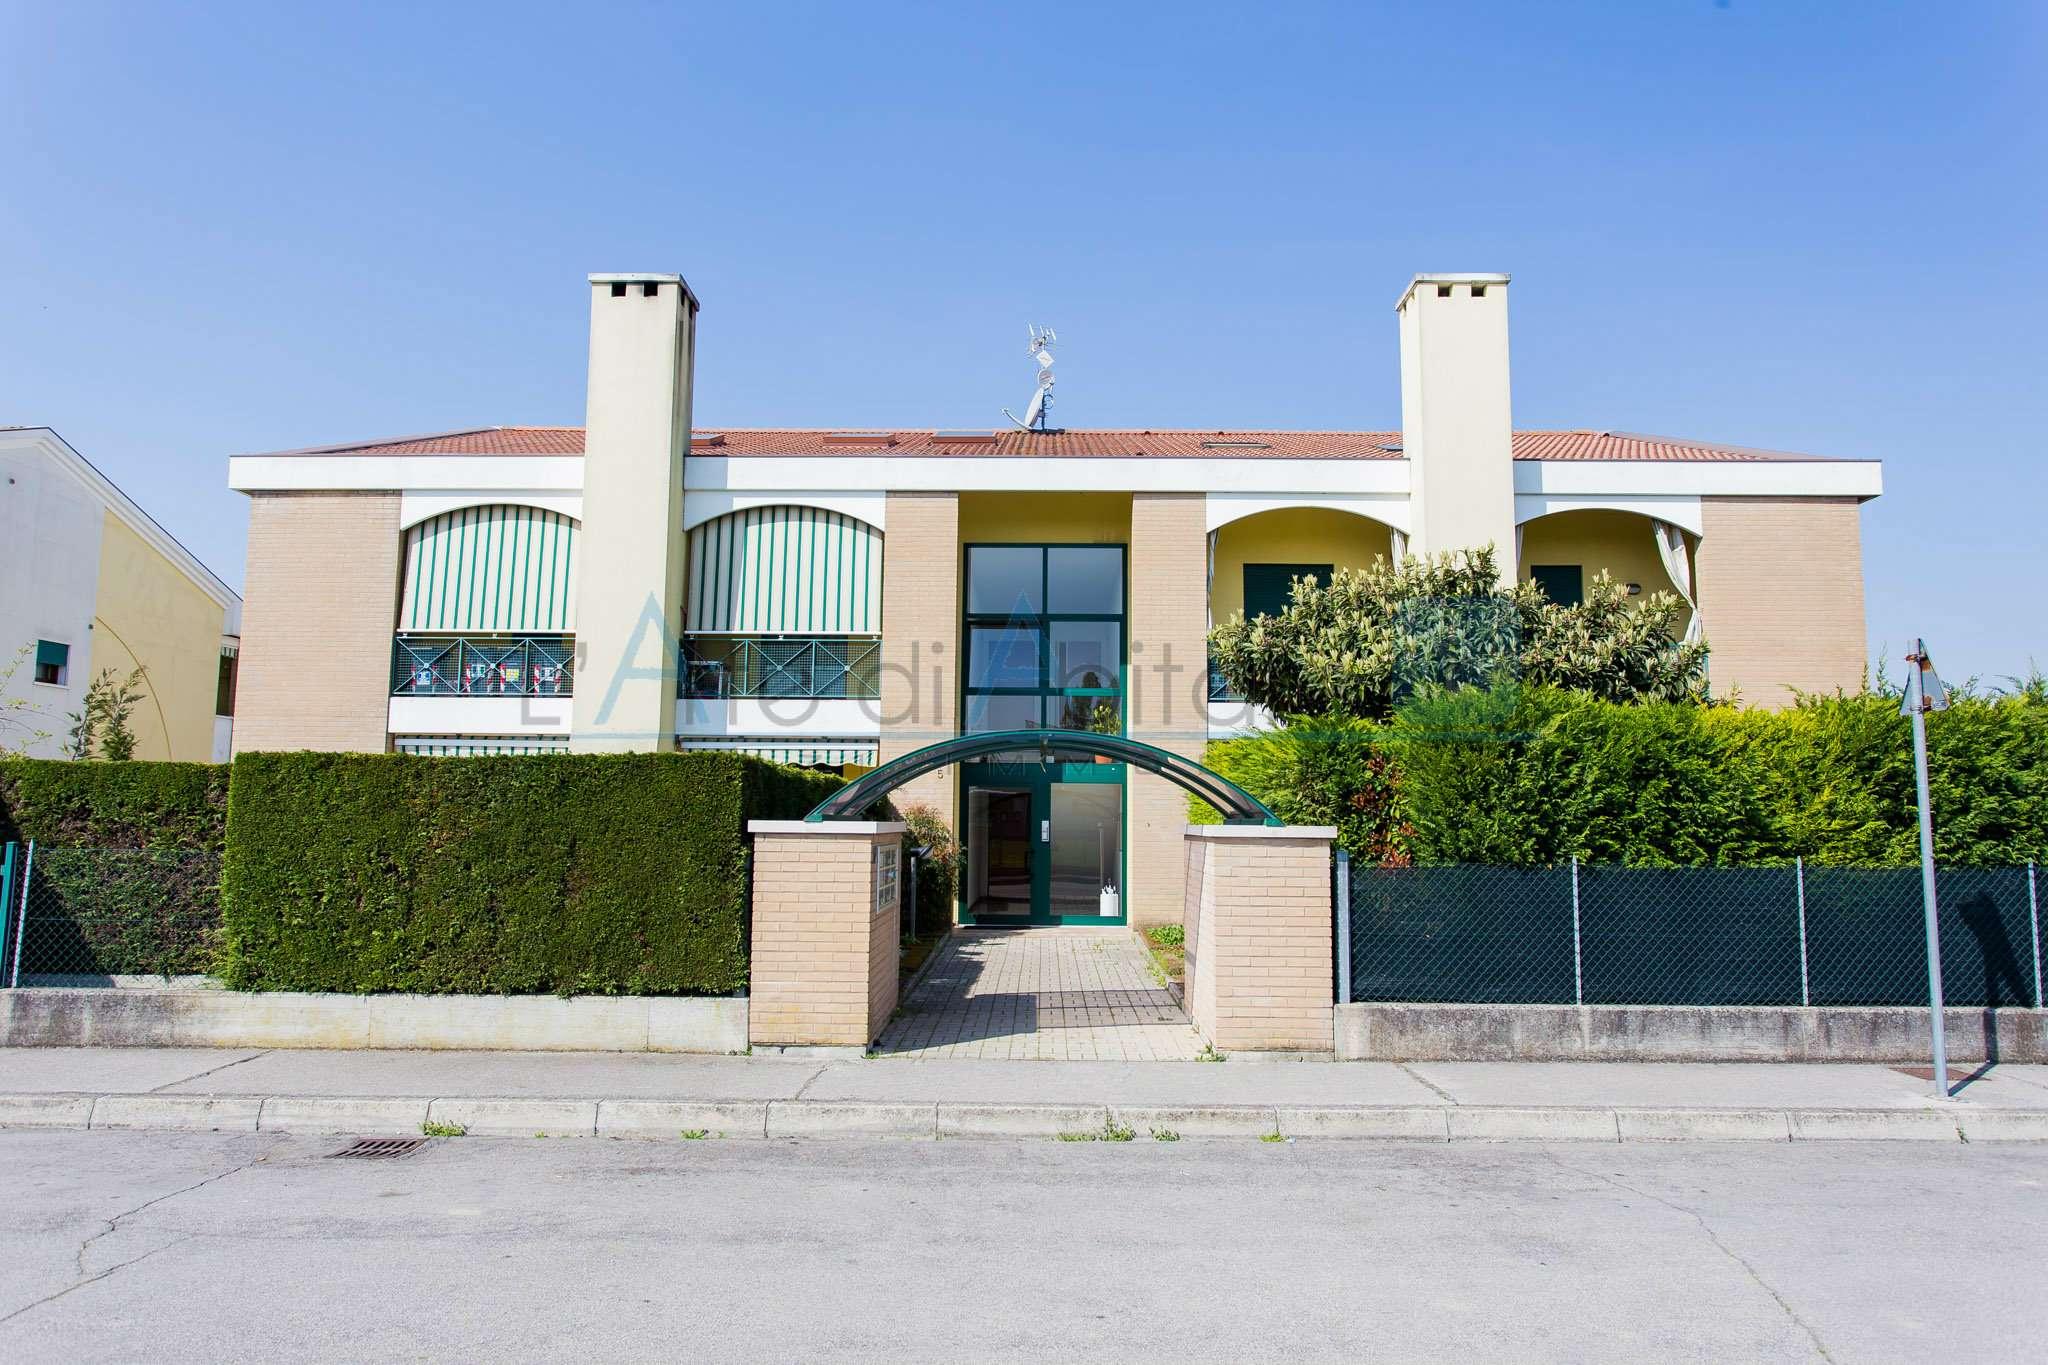 Appartamento in vendita a Campolongo Maggiore, 4 locali, prezzo € 98.000 | CambioCasa.it